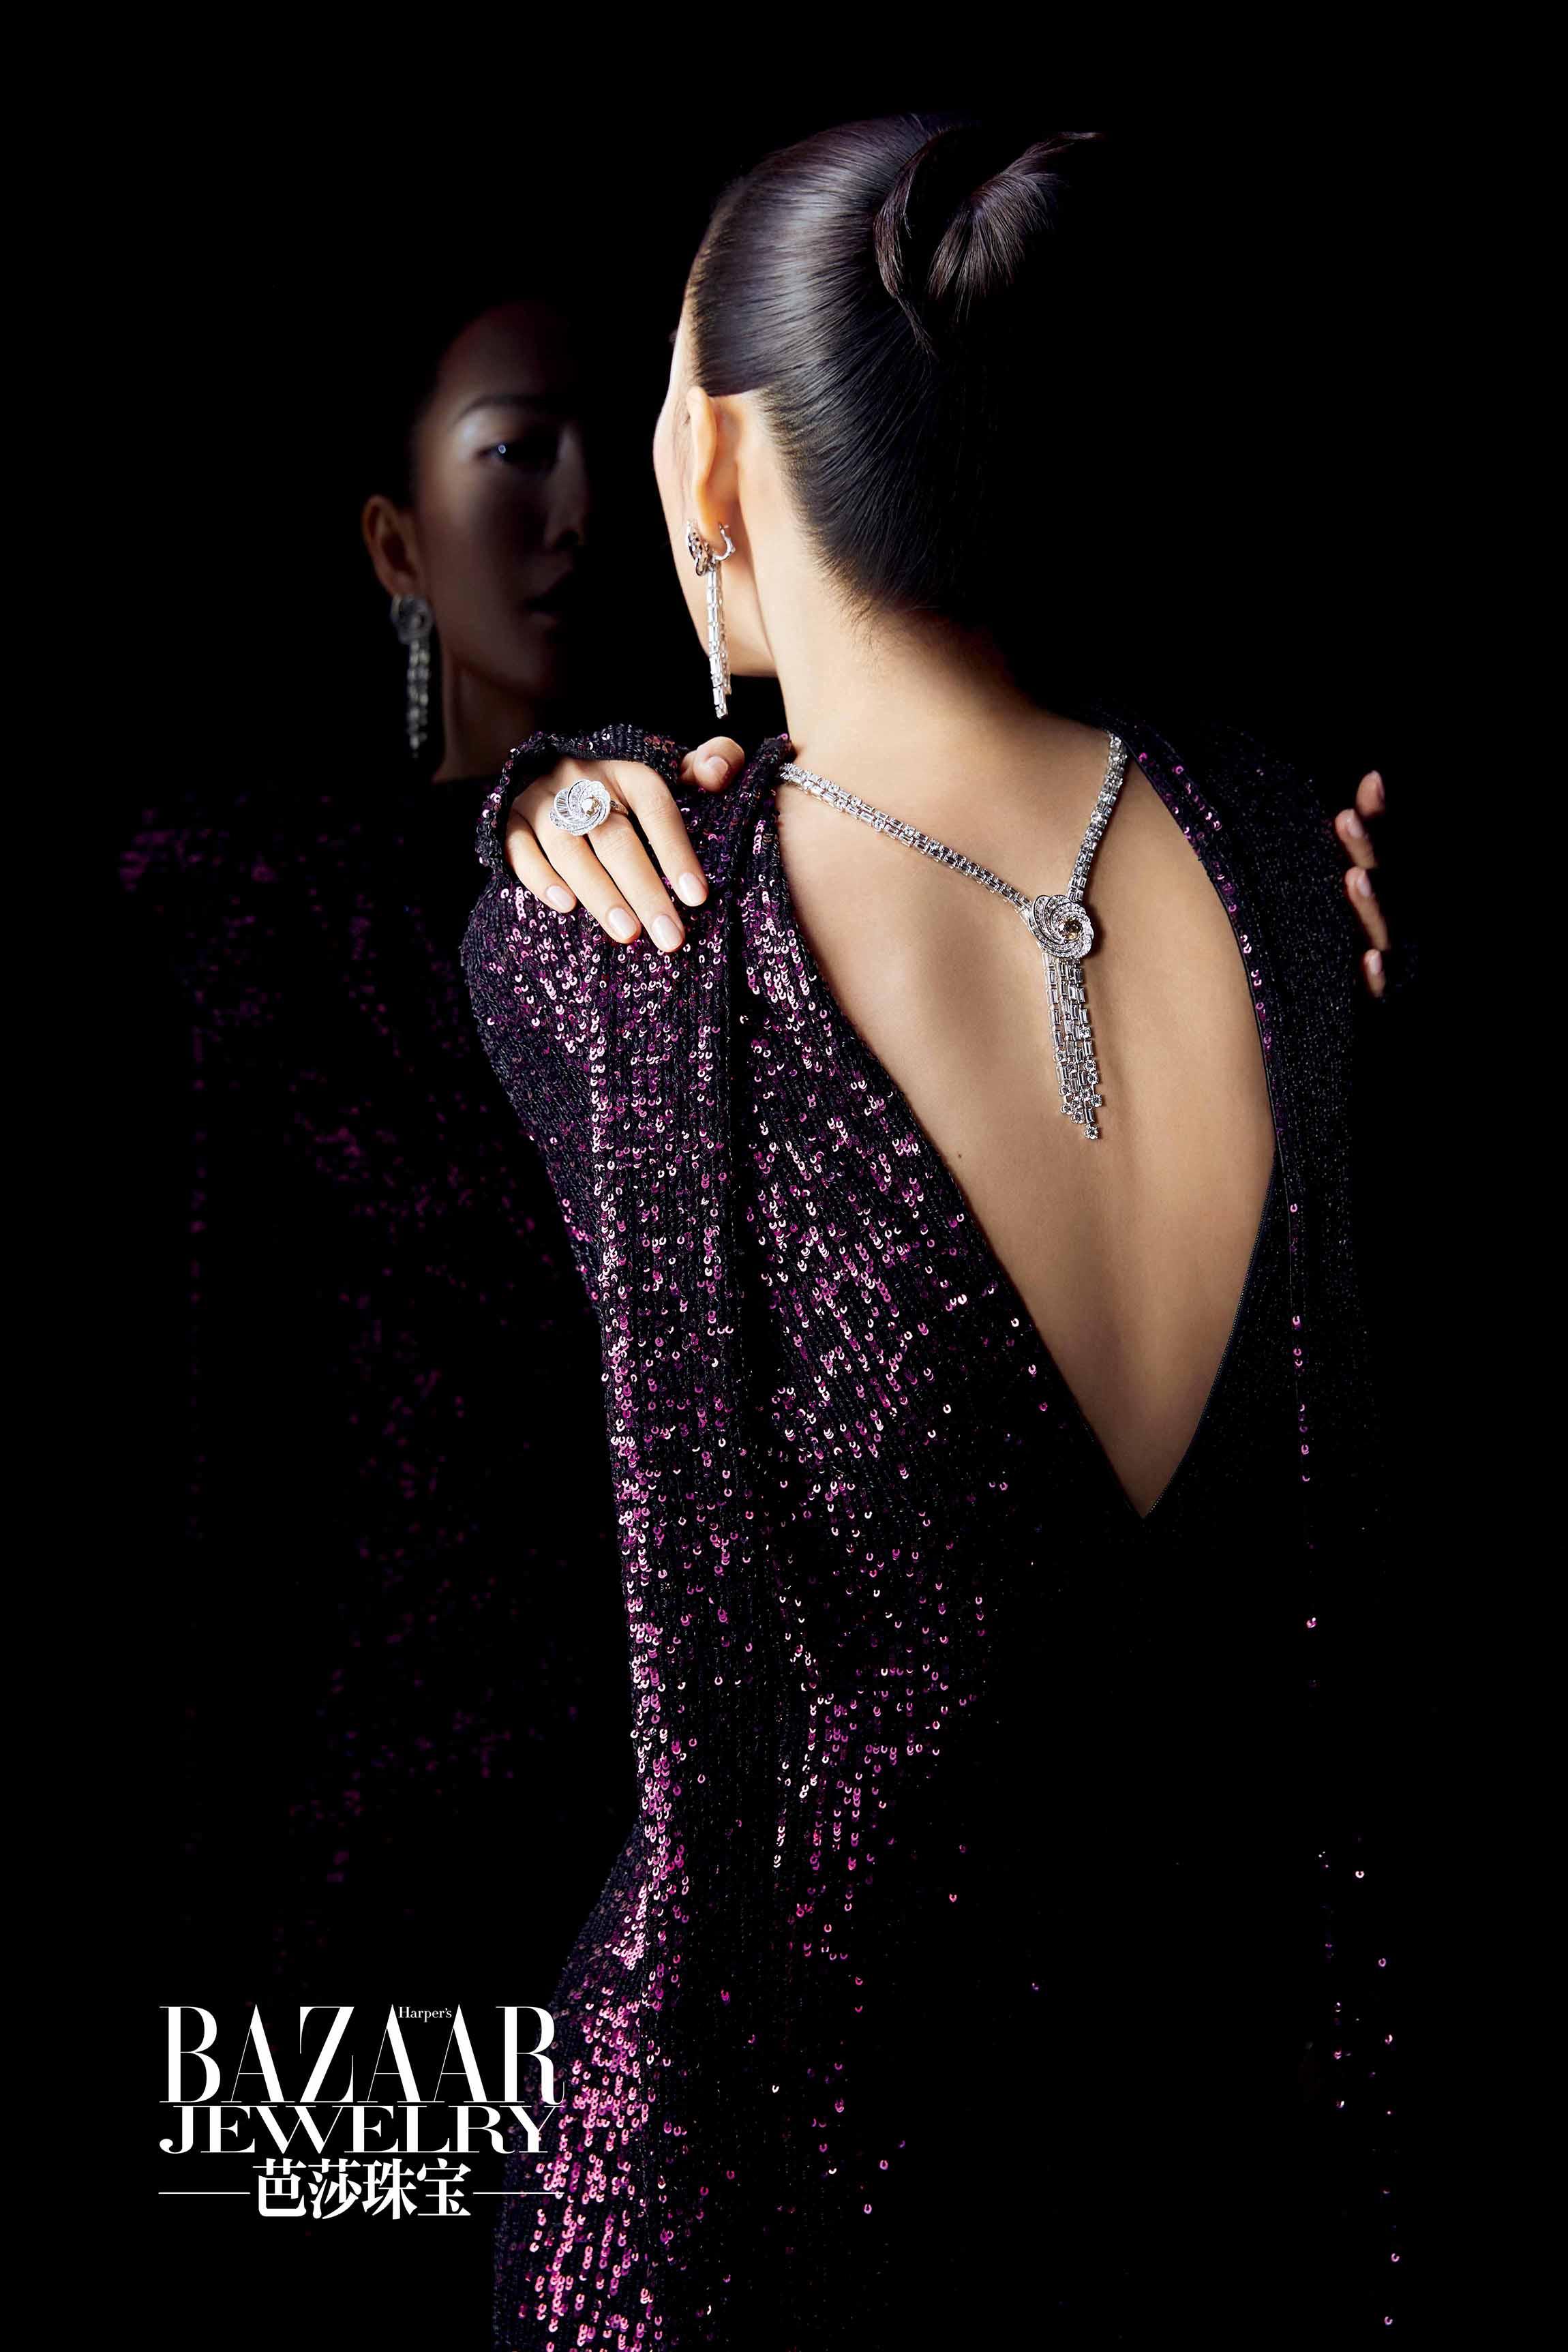 王鸥着黑紫色亮片裙勾勒出蝴蝶美背.jpg